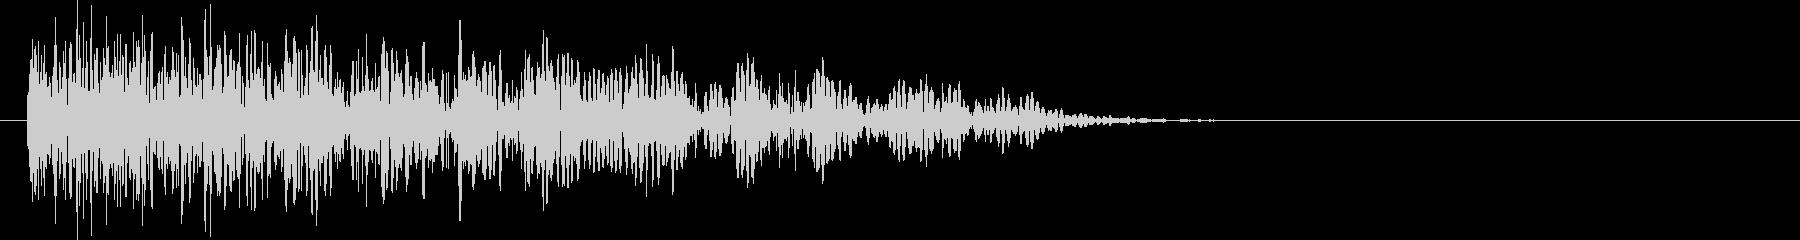 爆発・衝撃波・ソニックブーム6の未再生の波形